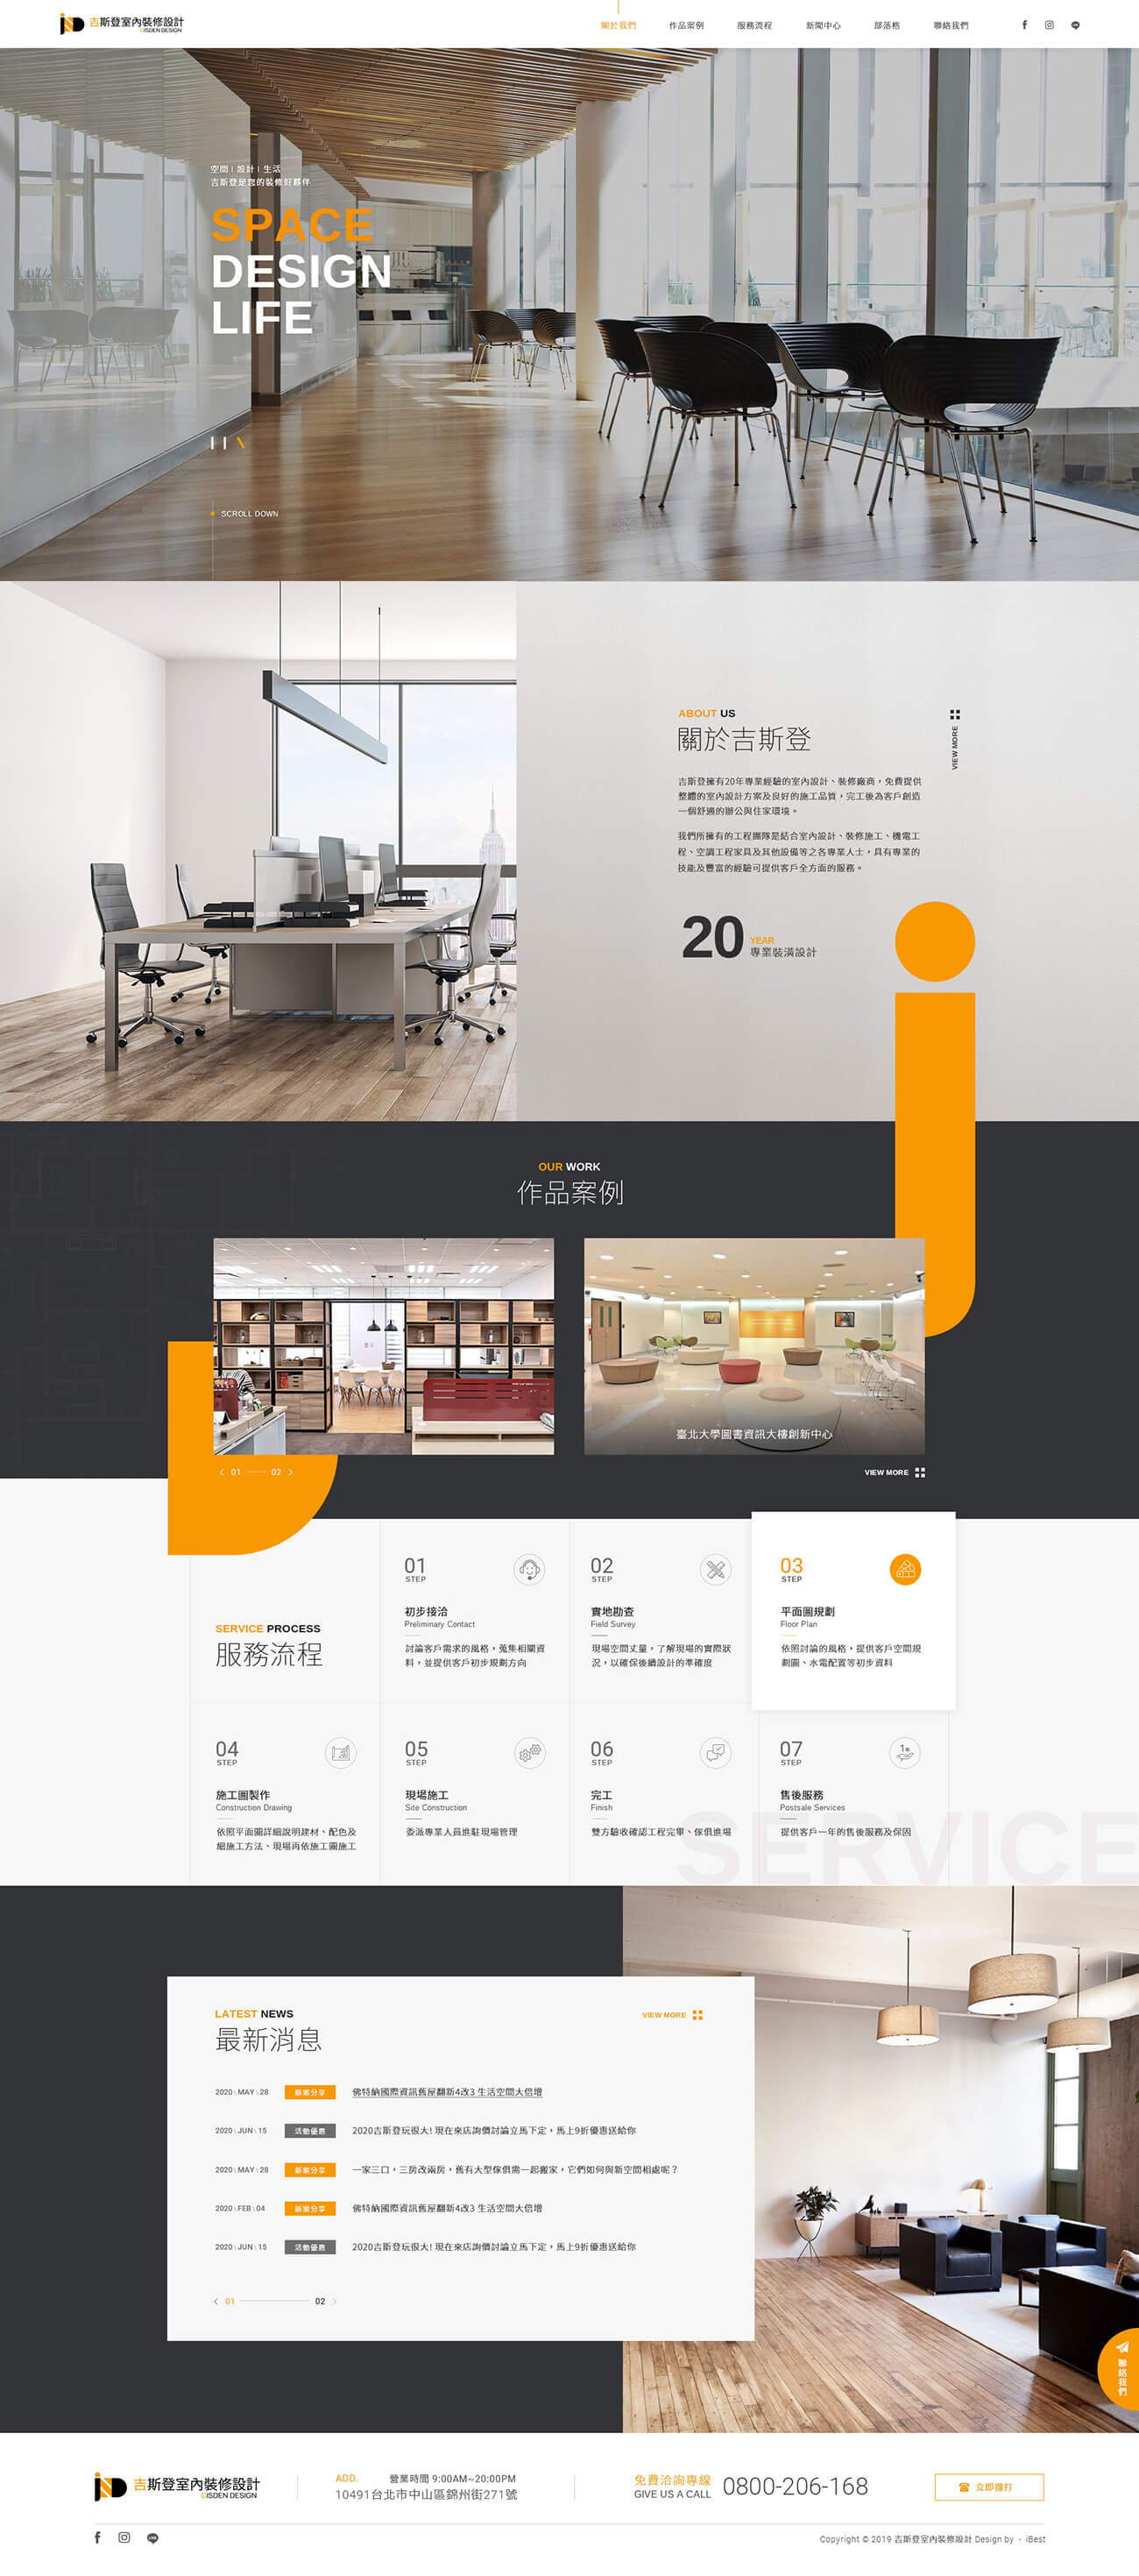 吉斯登室內裝修設計-網頁設計